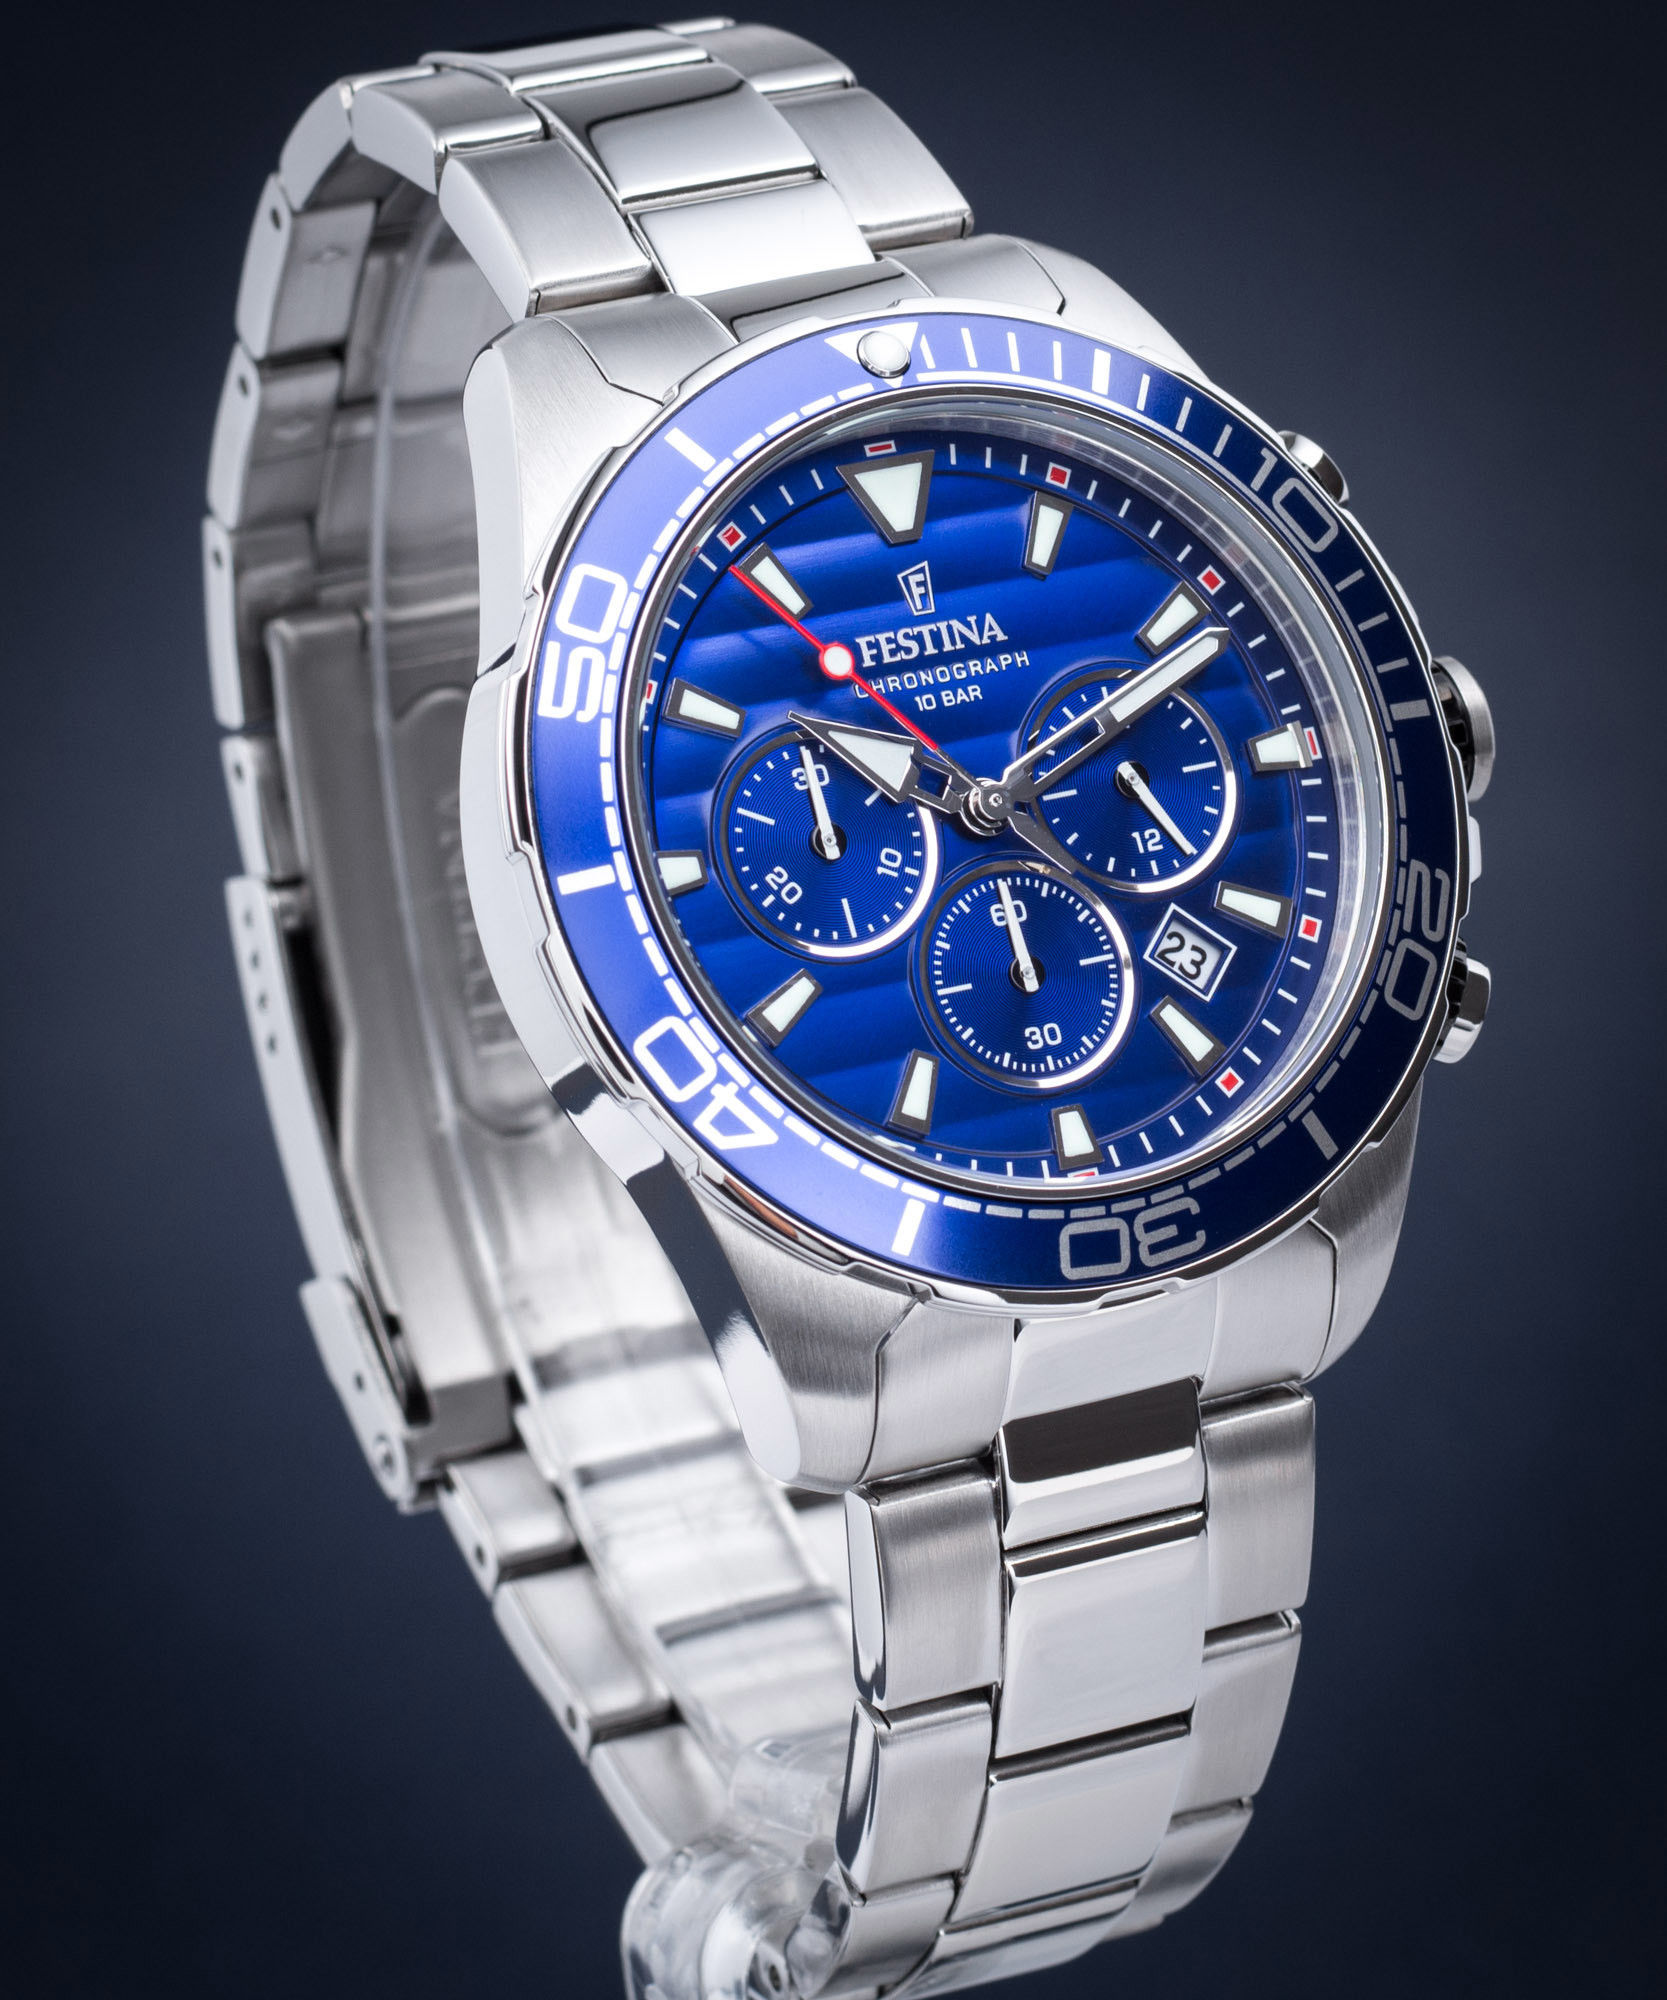 Zegarek Festina F20361-2 Prestige Chronograph - CENA DO NEGOCJACJI - DOSTAWA DHL GRATIS, KUPUJ BEZ RYZYKA - 100 dni na zwrot, możliwość wygrawerowania dowolnego tekstu.